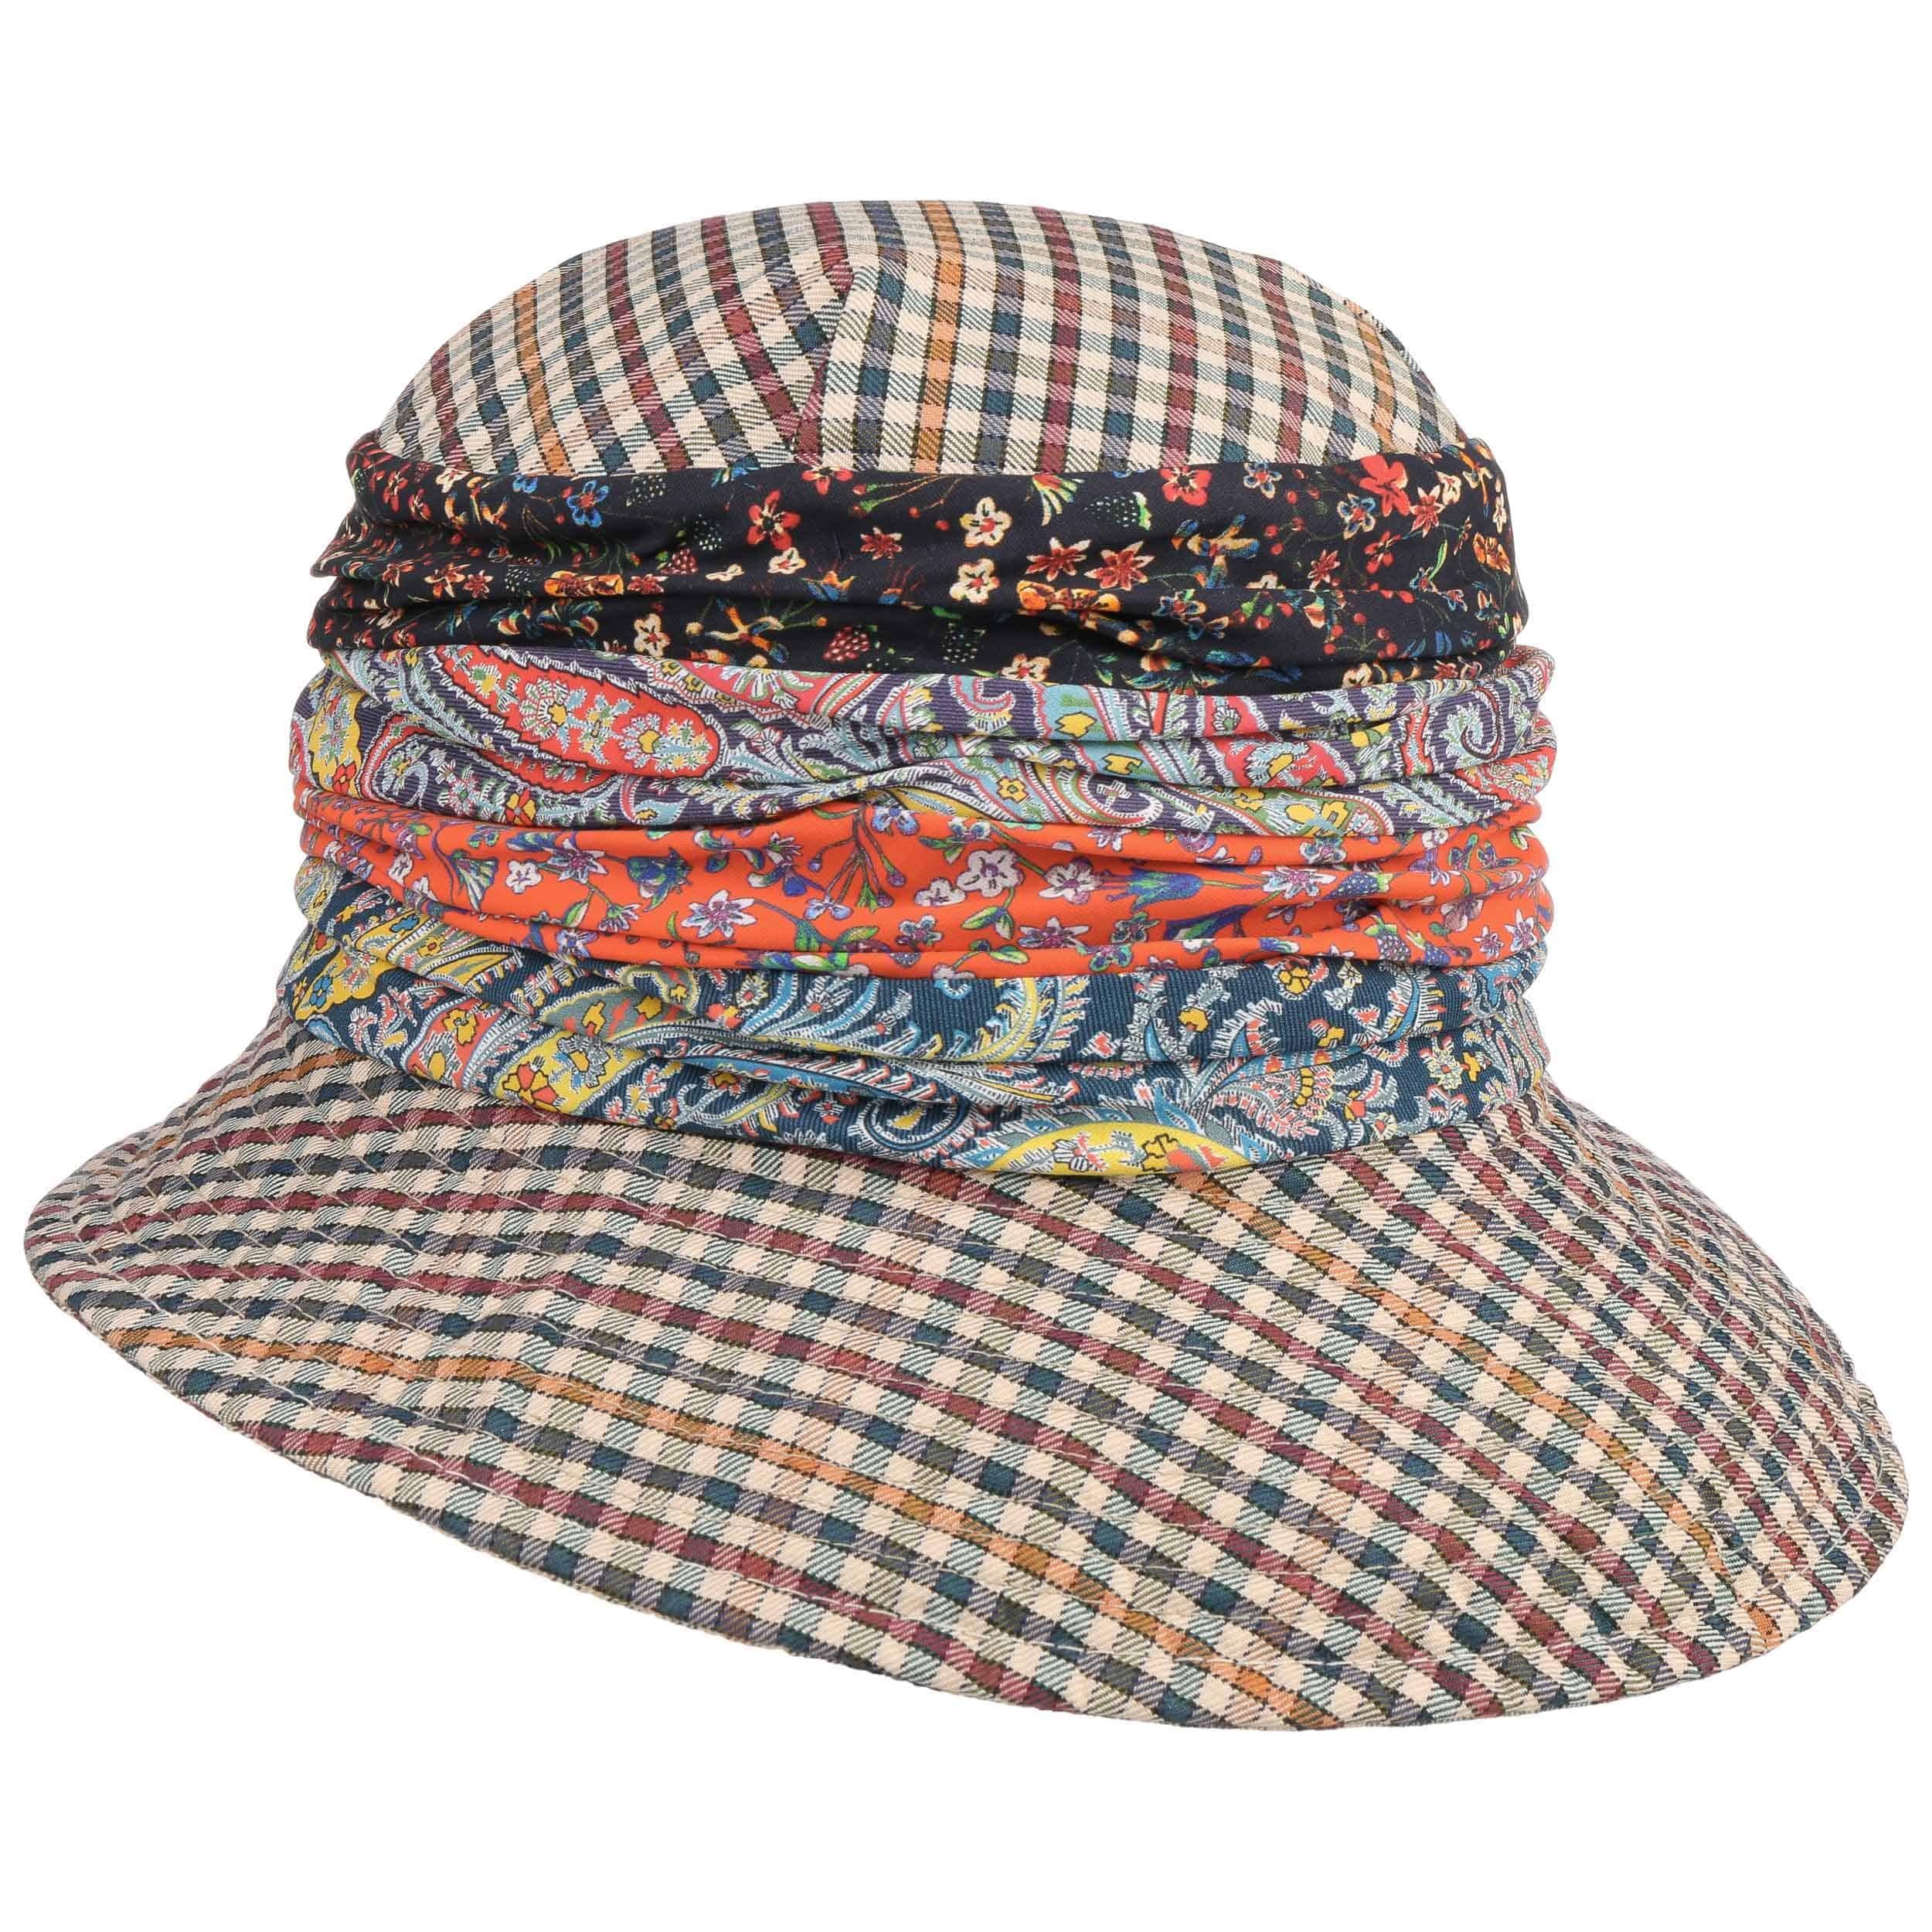 Cappello da Donna Flowers & Checks by GREVI - 129,00